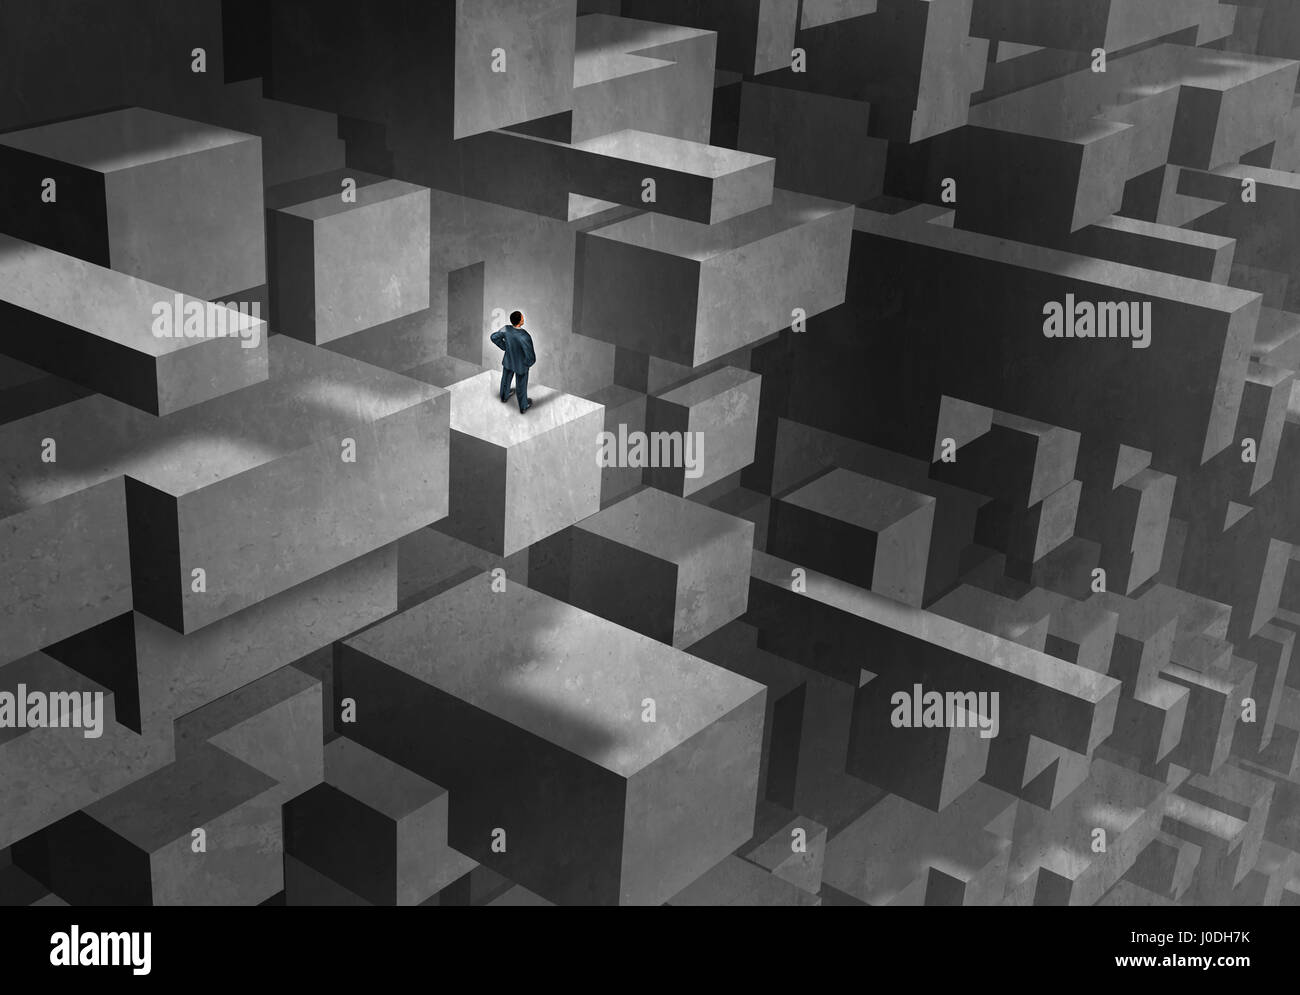 Sfida aziendale concetto come persa e imprenditore intrecciati in un complicato labirinto astratto come una metafora Immagini Stock